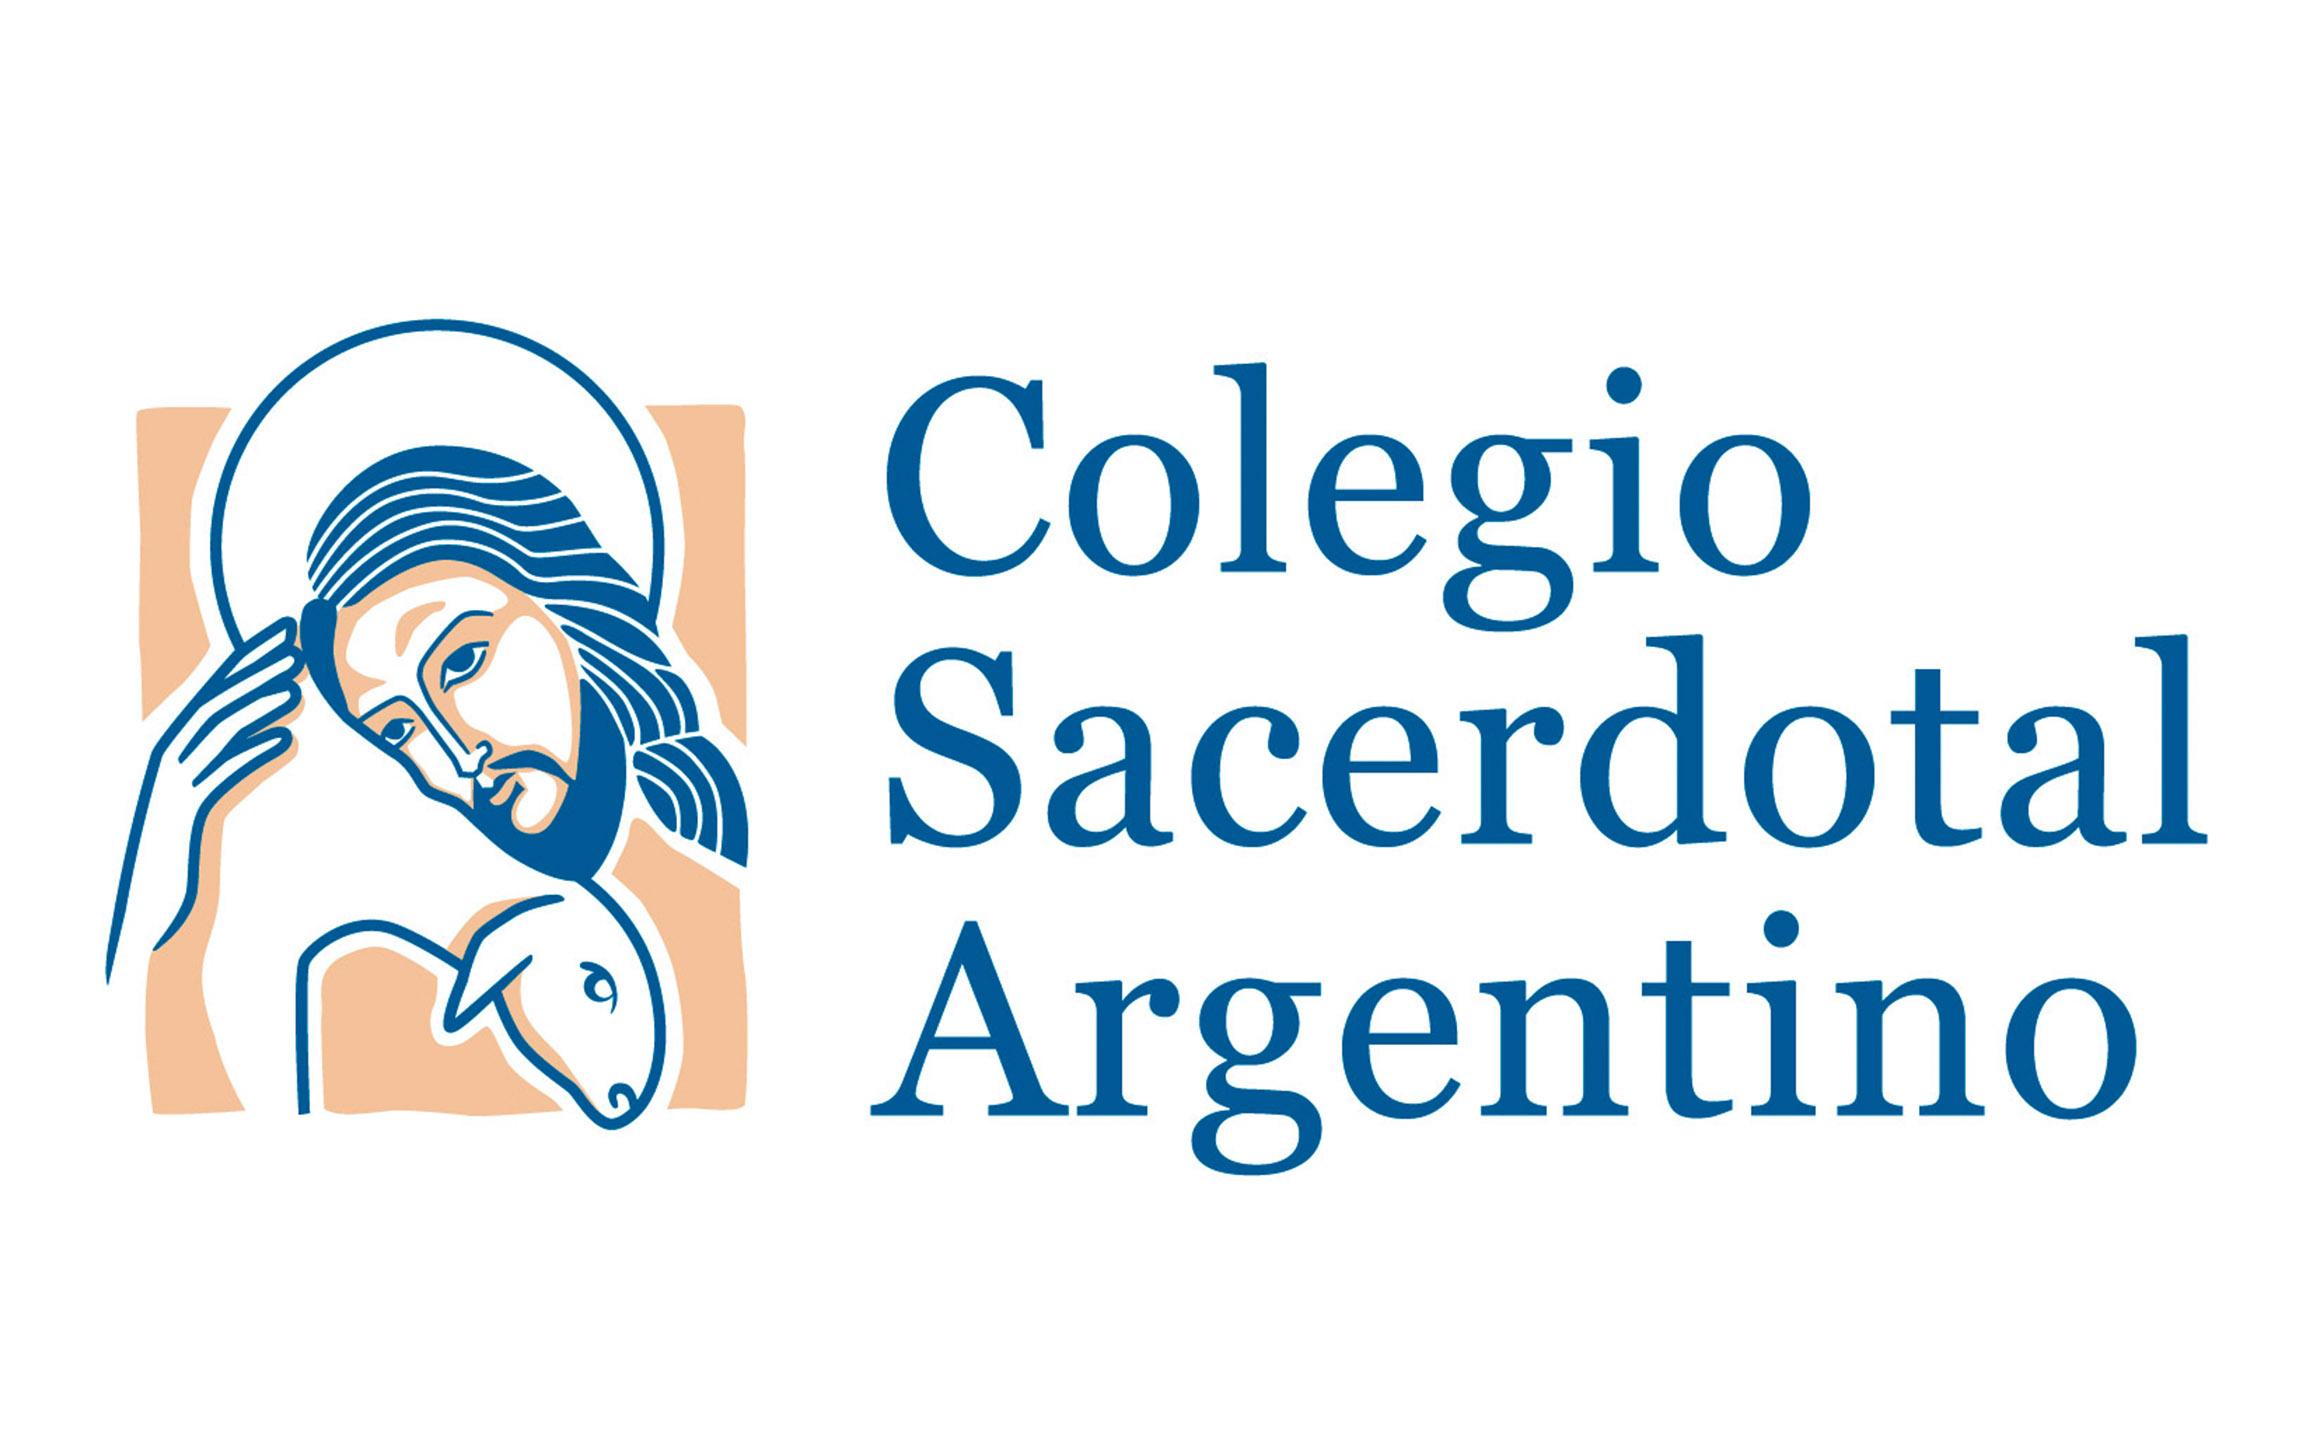 Logo Colegio Sacerdotal Argentino